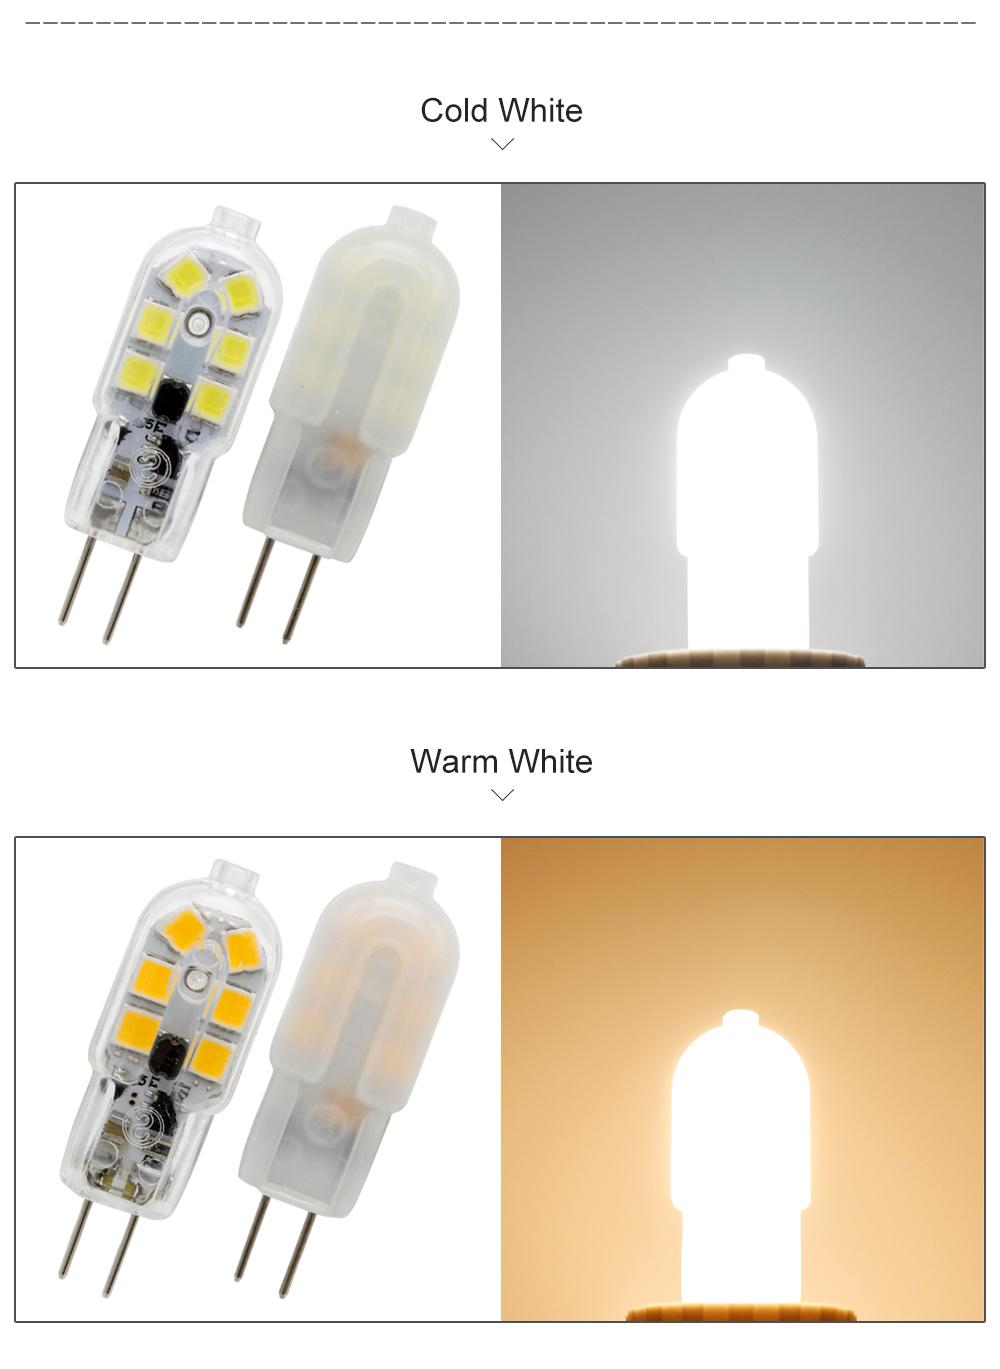 10 шт./лот 3 вт SMD 2835 из светодиодов 12 В G4 светодиодные лампы переменного тока 12 в лампочки заменить 20 вт 30 вт галогенная лампа для люстры теплый холодный белый